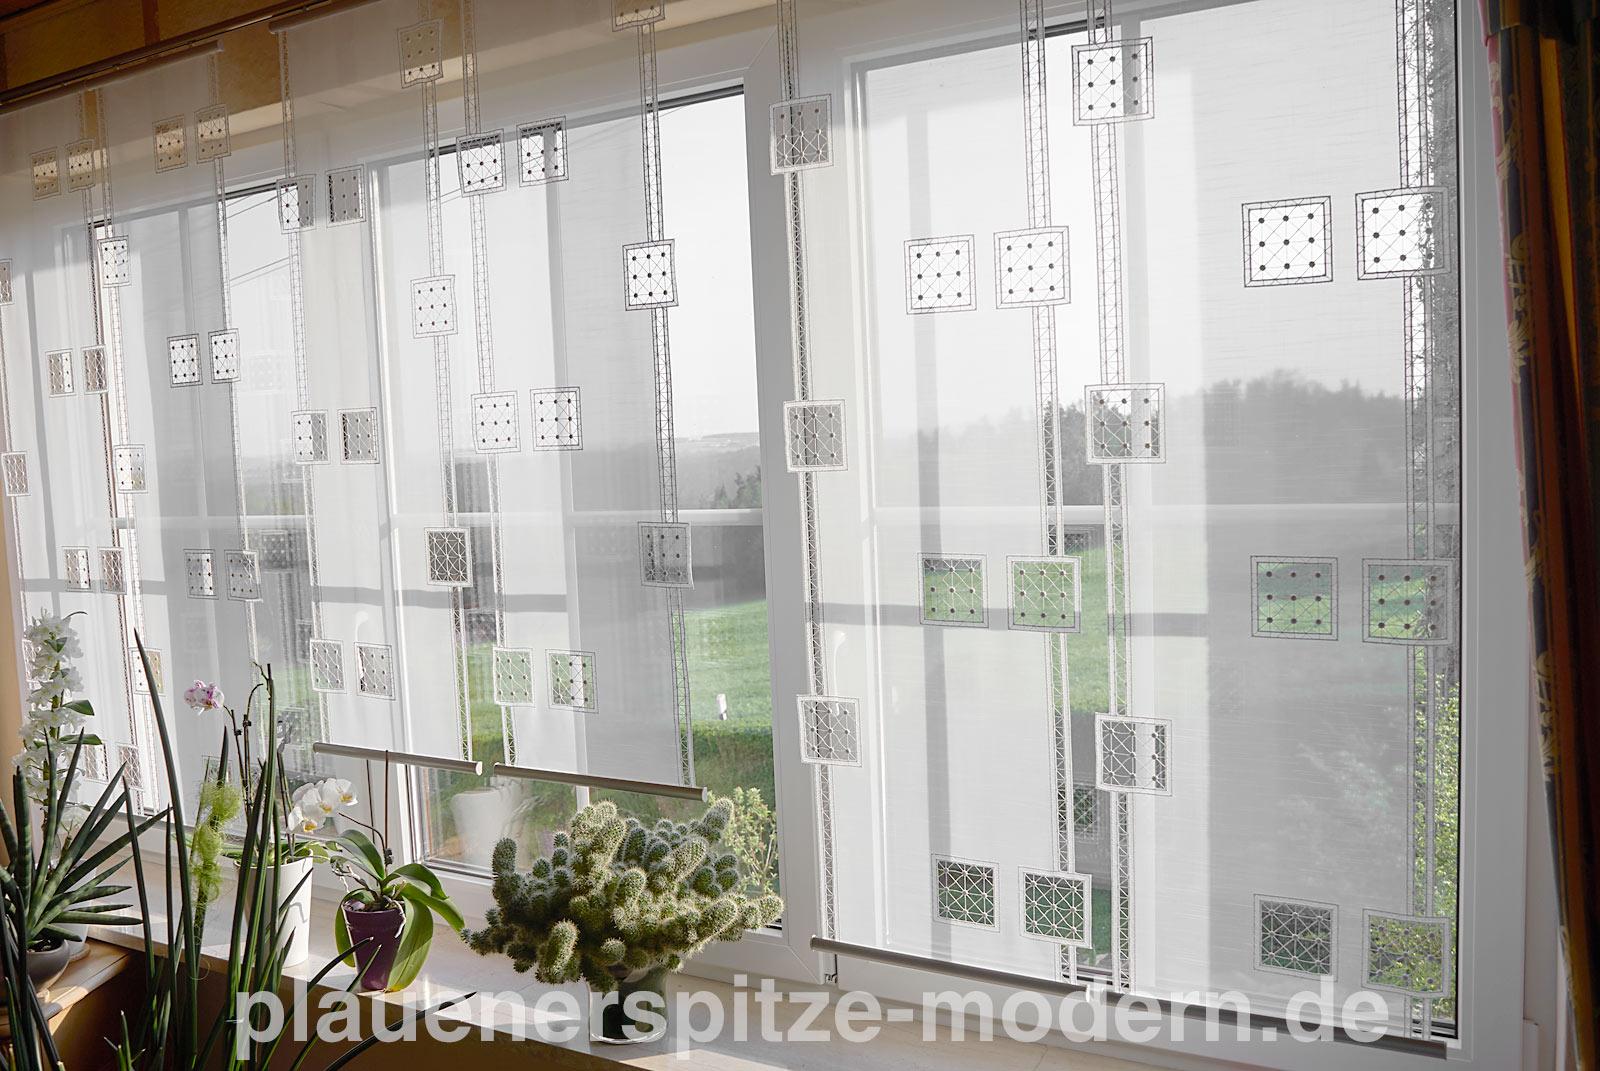 Full Size of Moderne Gardinen Moderner Flchenvorhang Plauener Spitze Flchenvorhnge Kaufen Für Küche Schlafzimmer Modernes Bett Wohnzimmer Duschen Die Deckenleuchte Sofa Wohnzimmer Moderne Gardinen